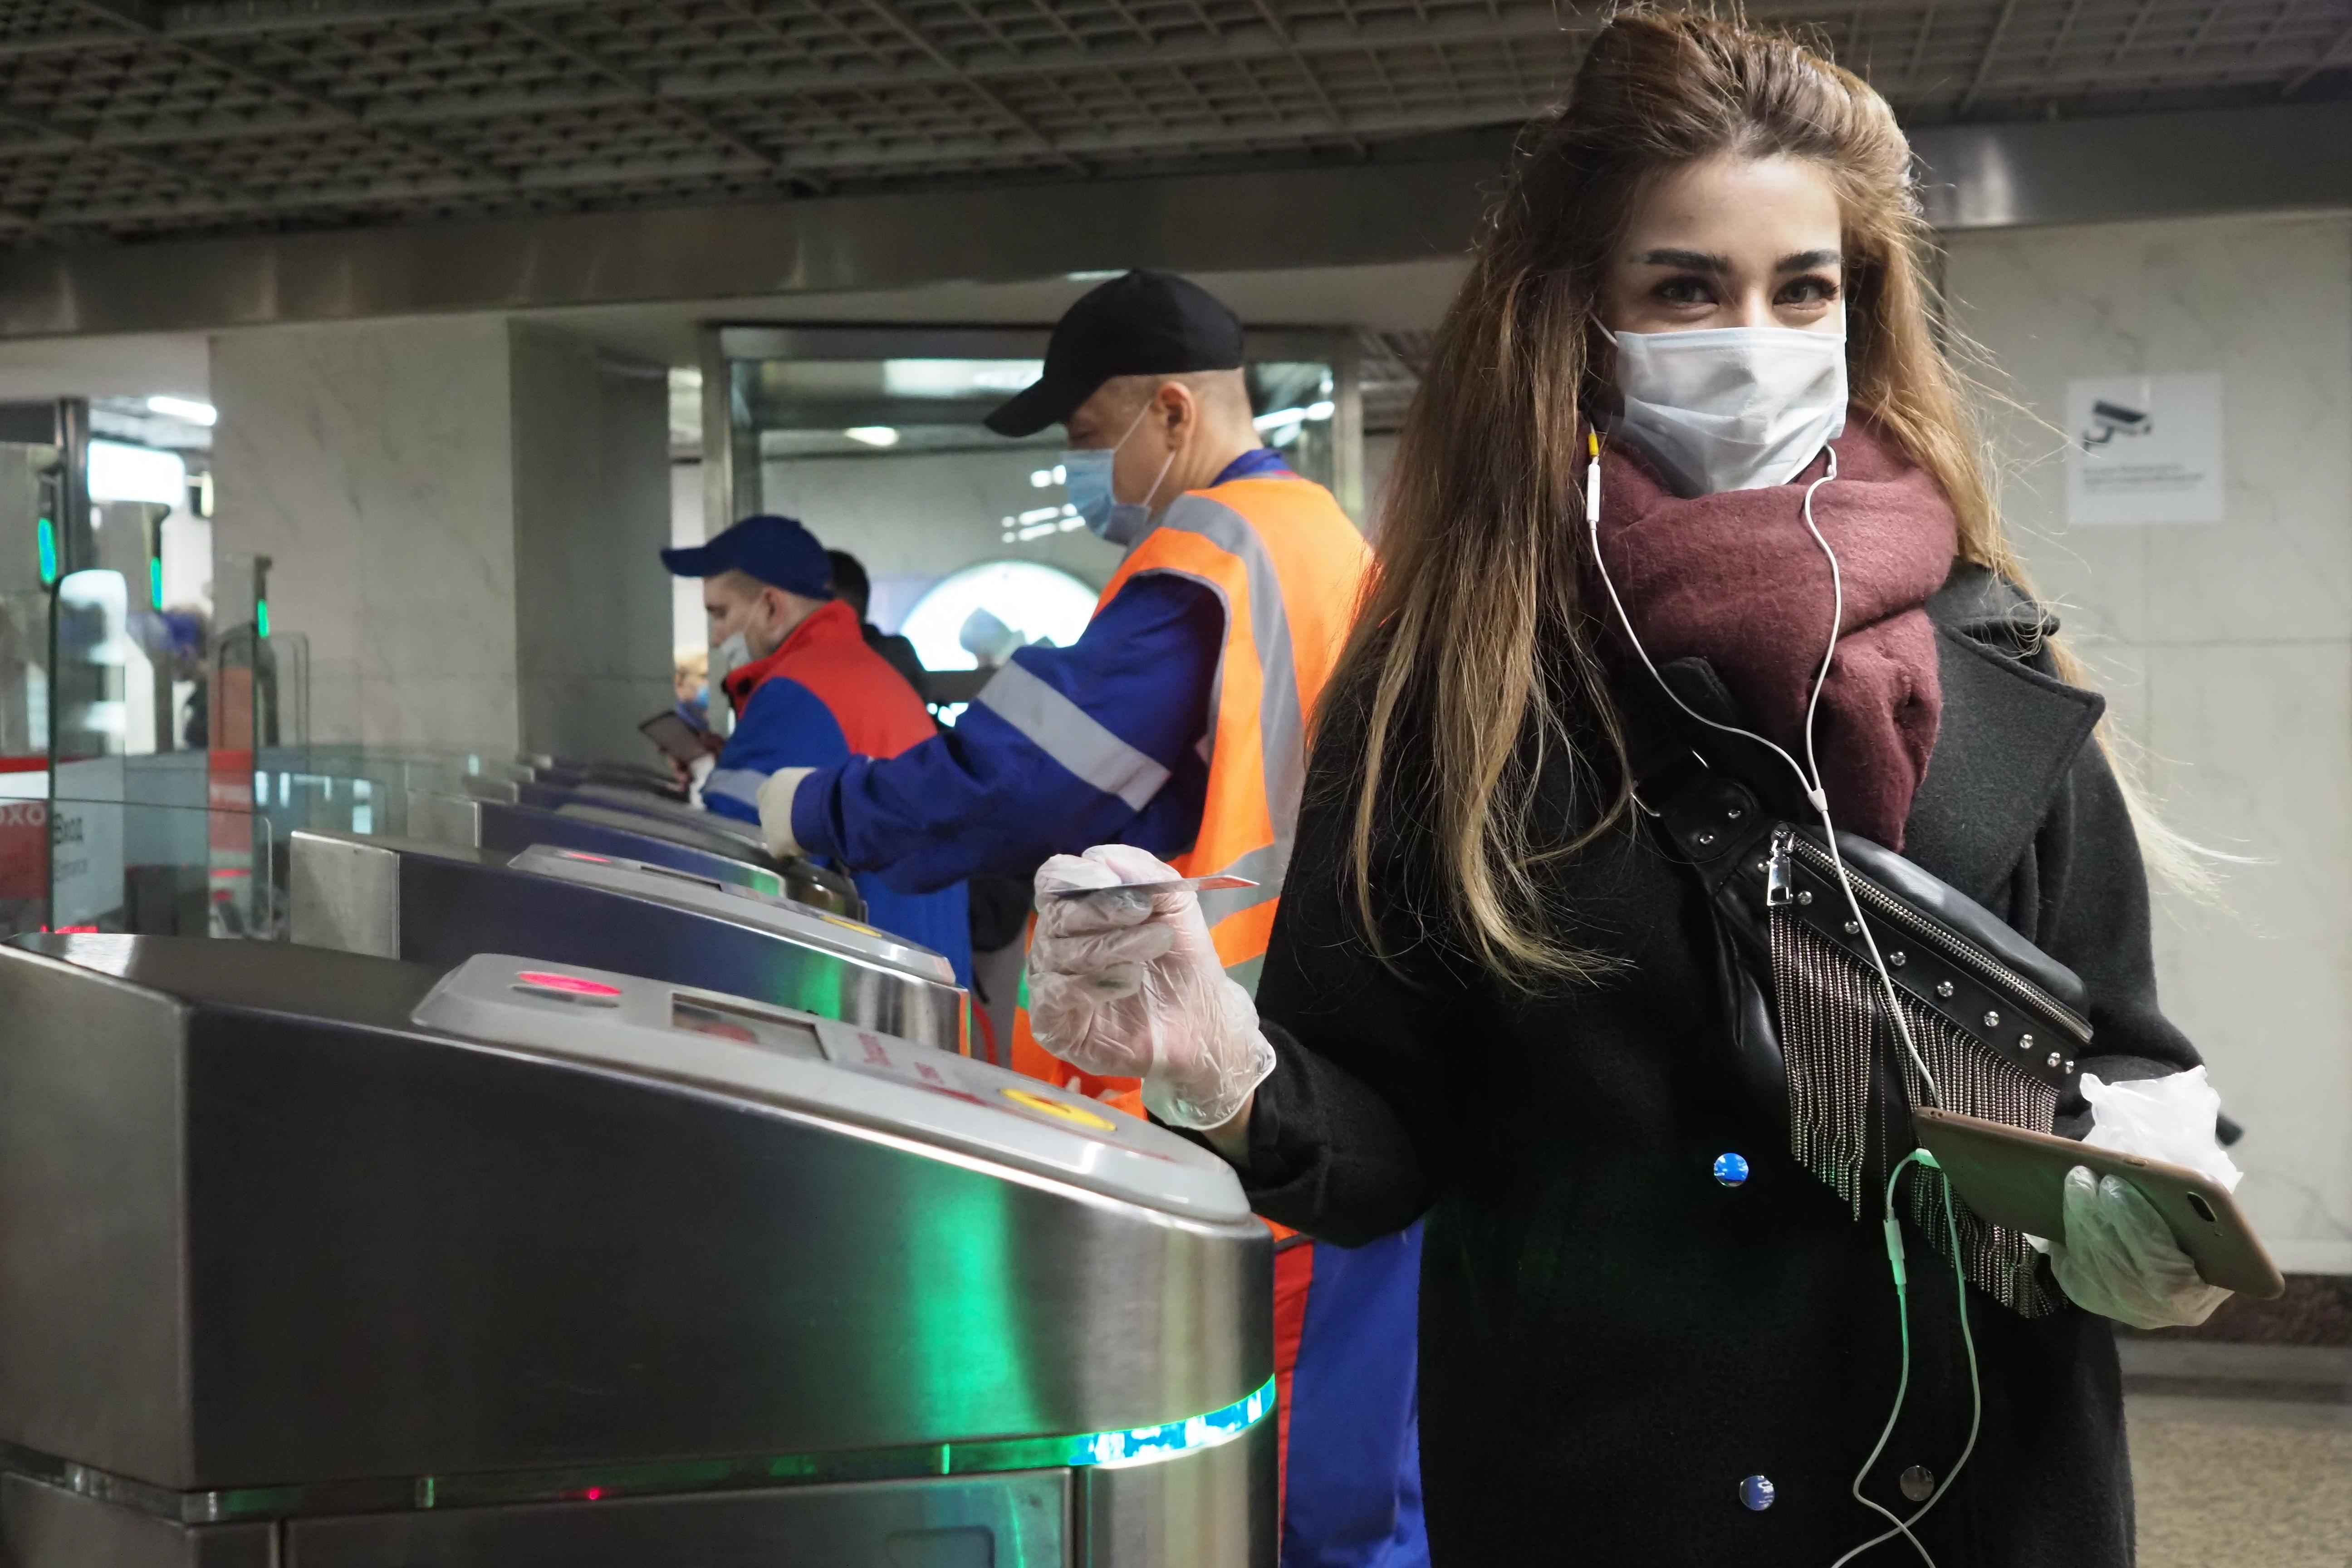 Свыше шести тысяч человек новых случаев заражения коронавирусом зафиксировали в Москве